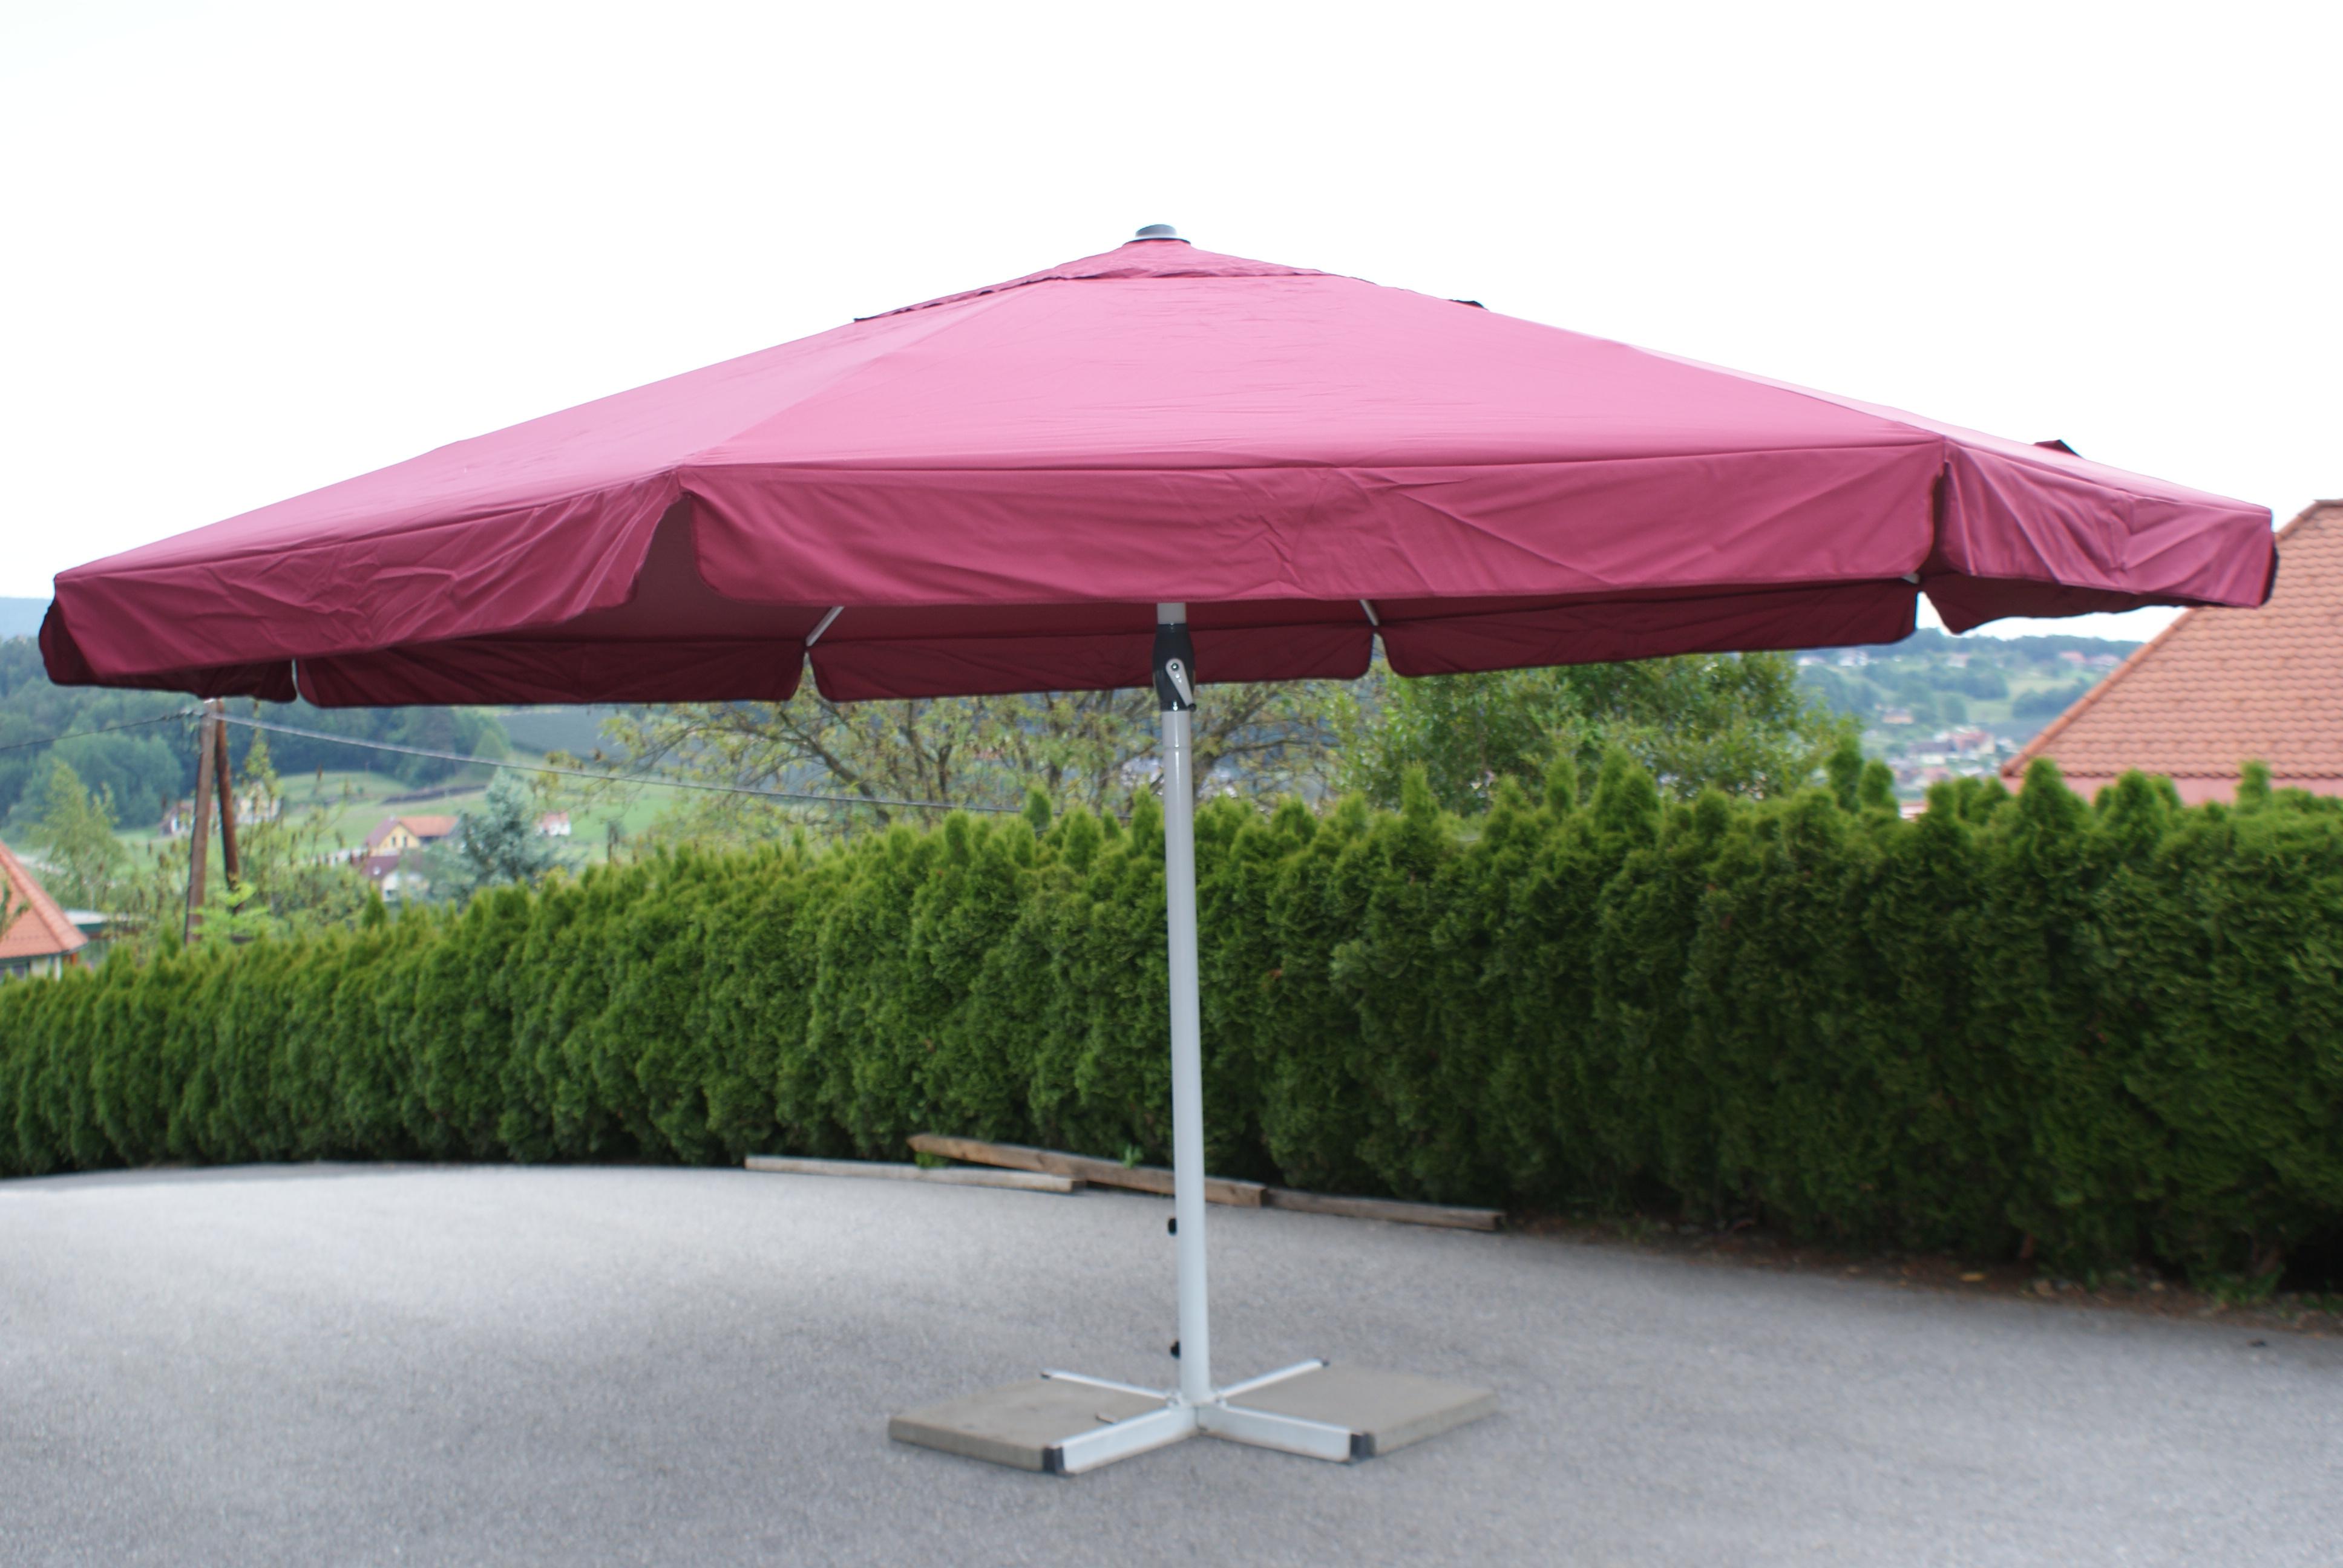 lae5m-sonnenschirm-terrac.-_4_ Impressionnant De Amazon Parasol Des Idées